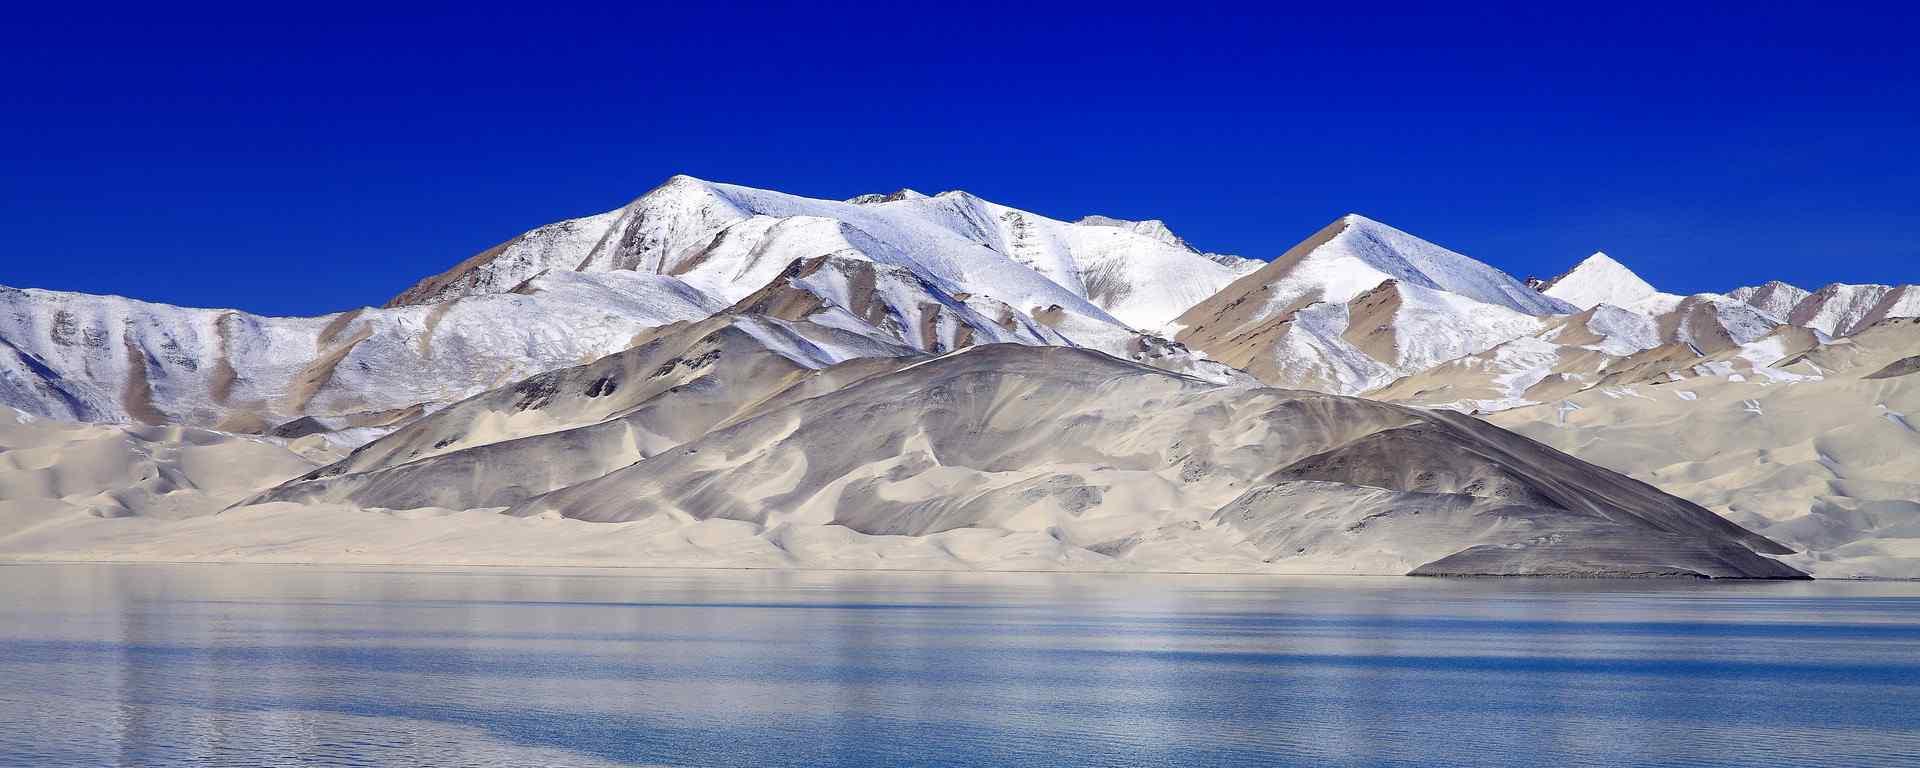 多彩新疆_天山风景_喀纳斯湖_沙漠戈壁风光壁纸